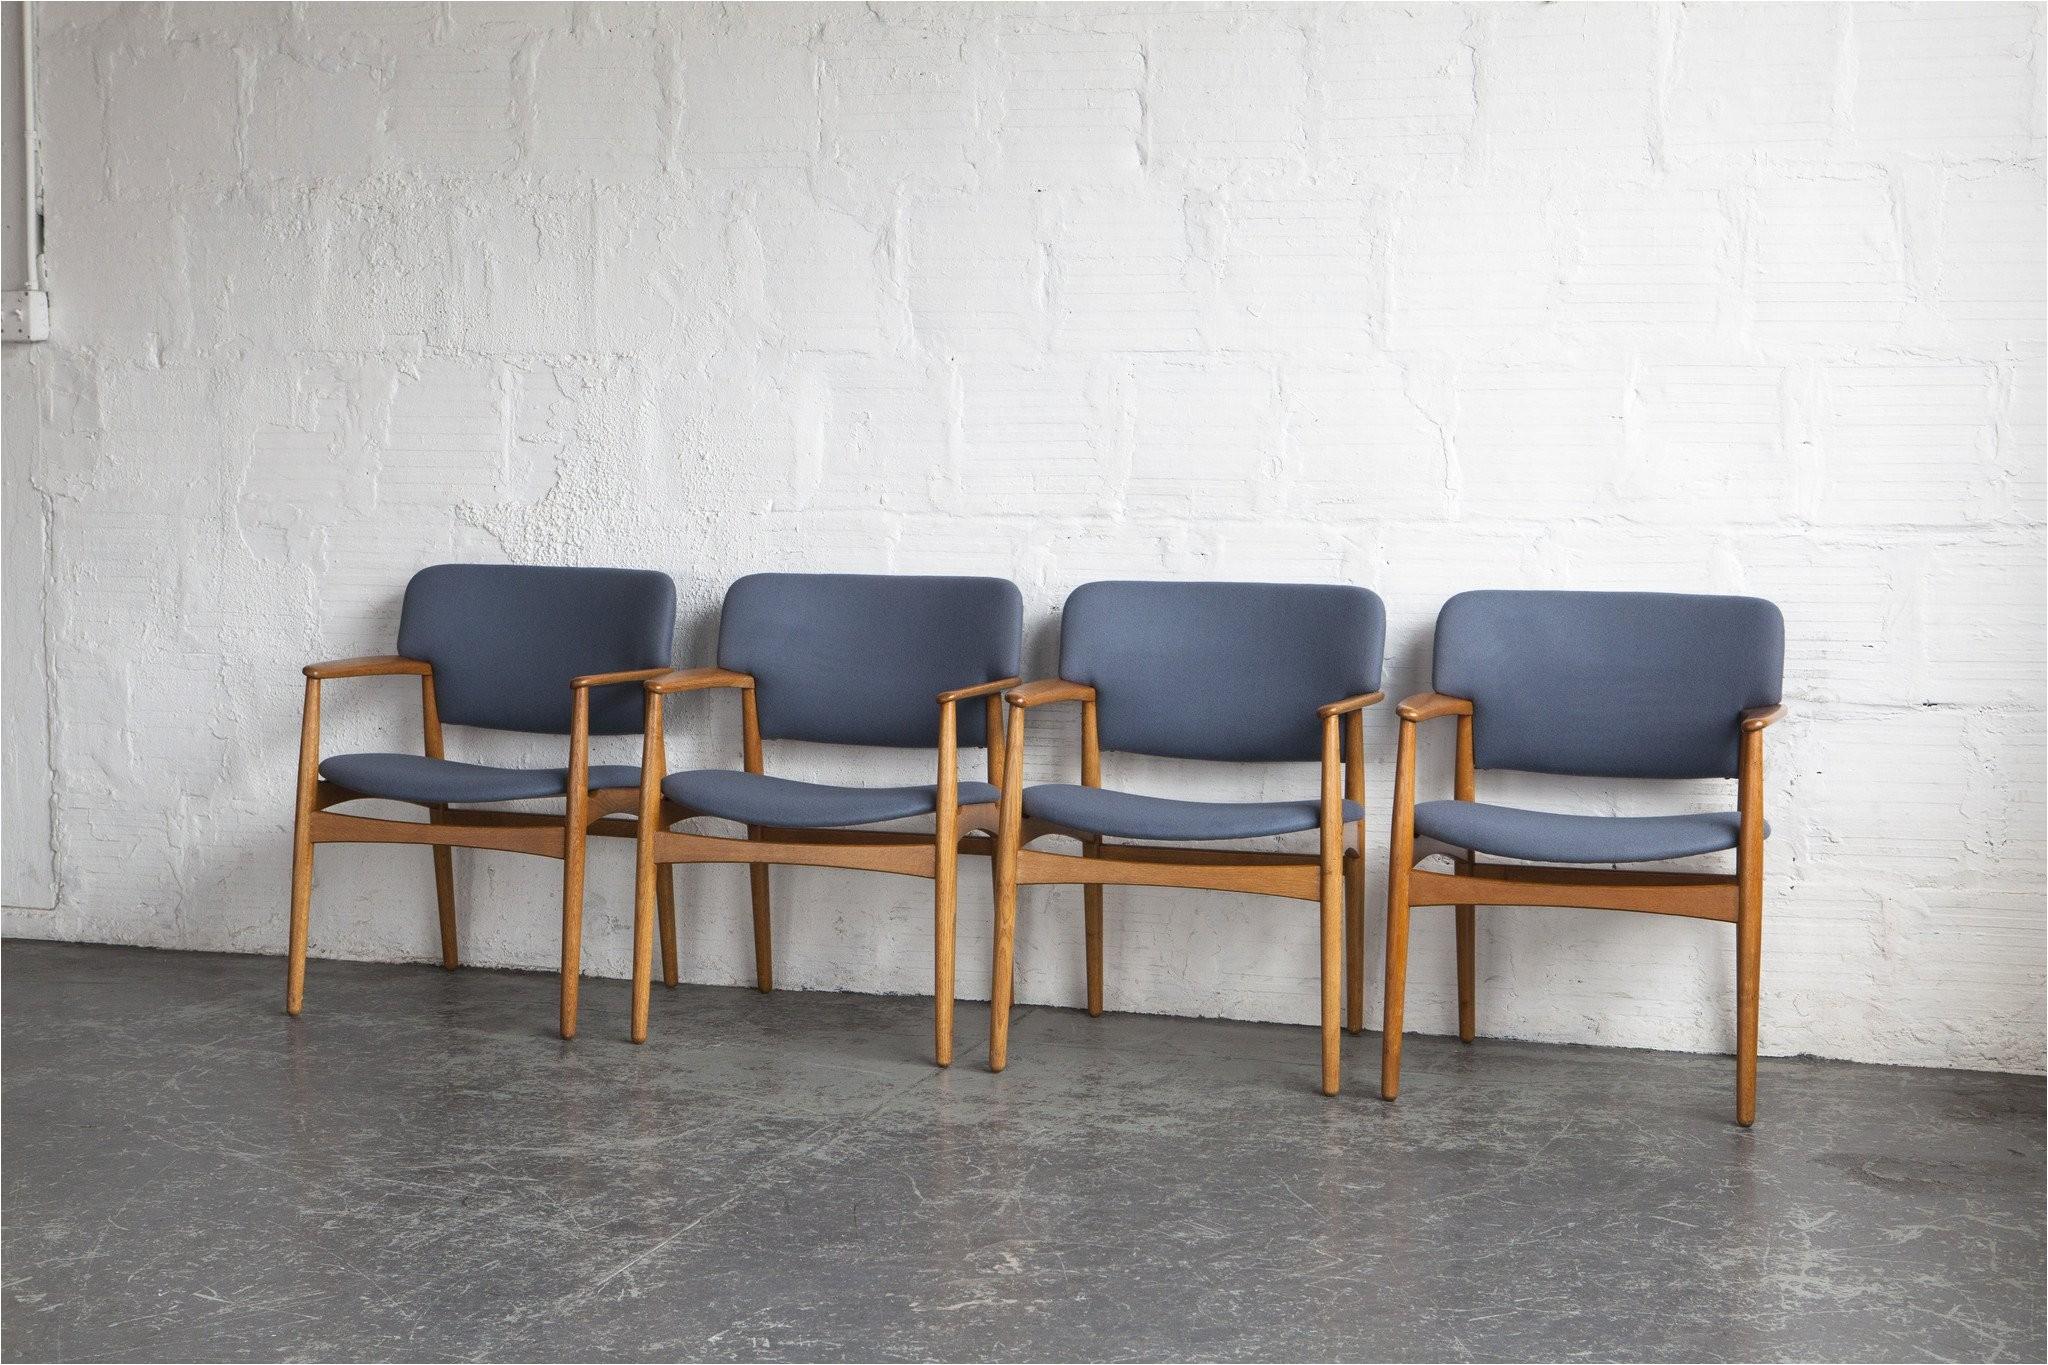 Dining Chairs Set Of 4 Ejnar Larsen Aksel Bender Madsen Dining Chairs Set Of 4 the